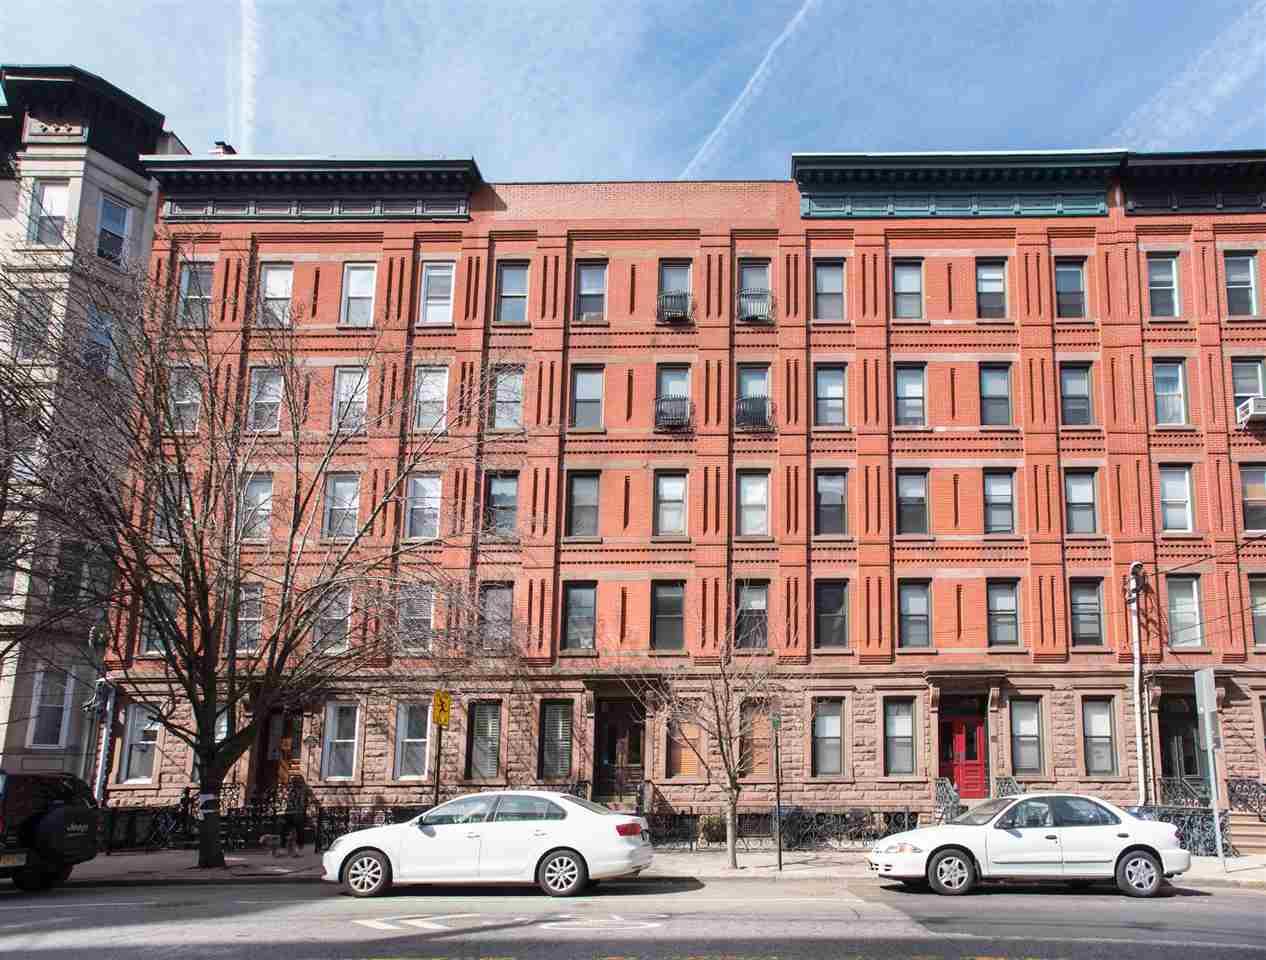 1114 HUDSON ST, Hoboken, New Jersey 07030, 2 Bedrooms Bedrooms, ,1 BathroomBathrooms,Condominium,For Sale,1114 HUDSON ST,210006522